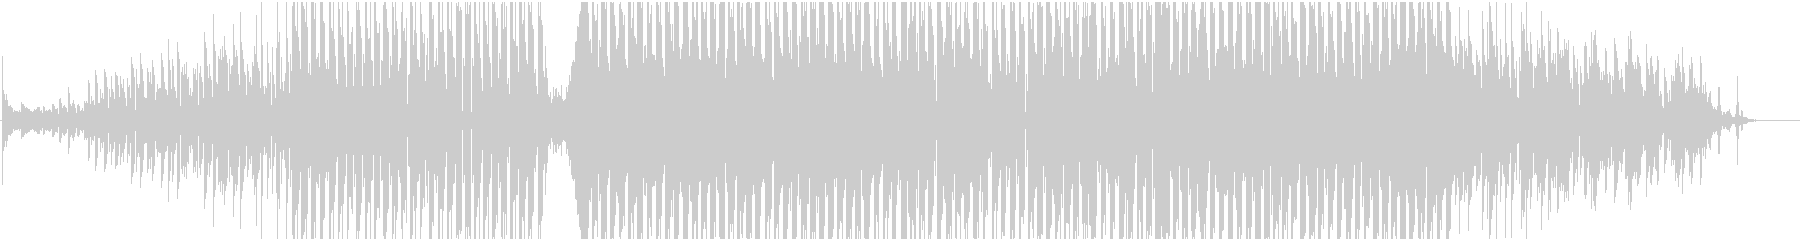 機械的、近未来的なサウンドのBGMです。の未再生の波形